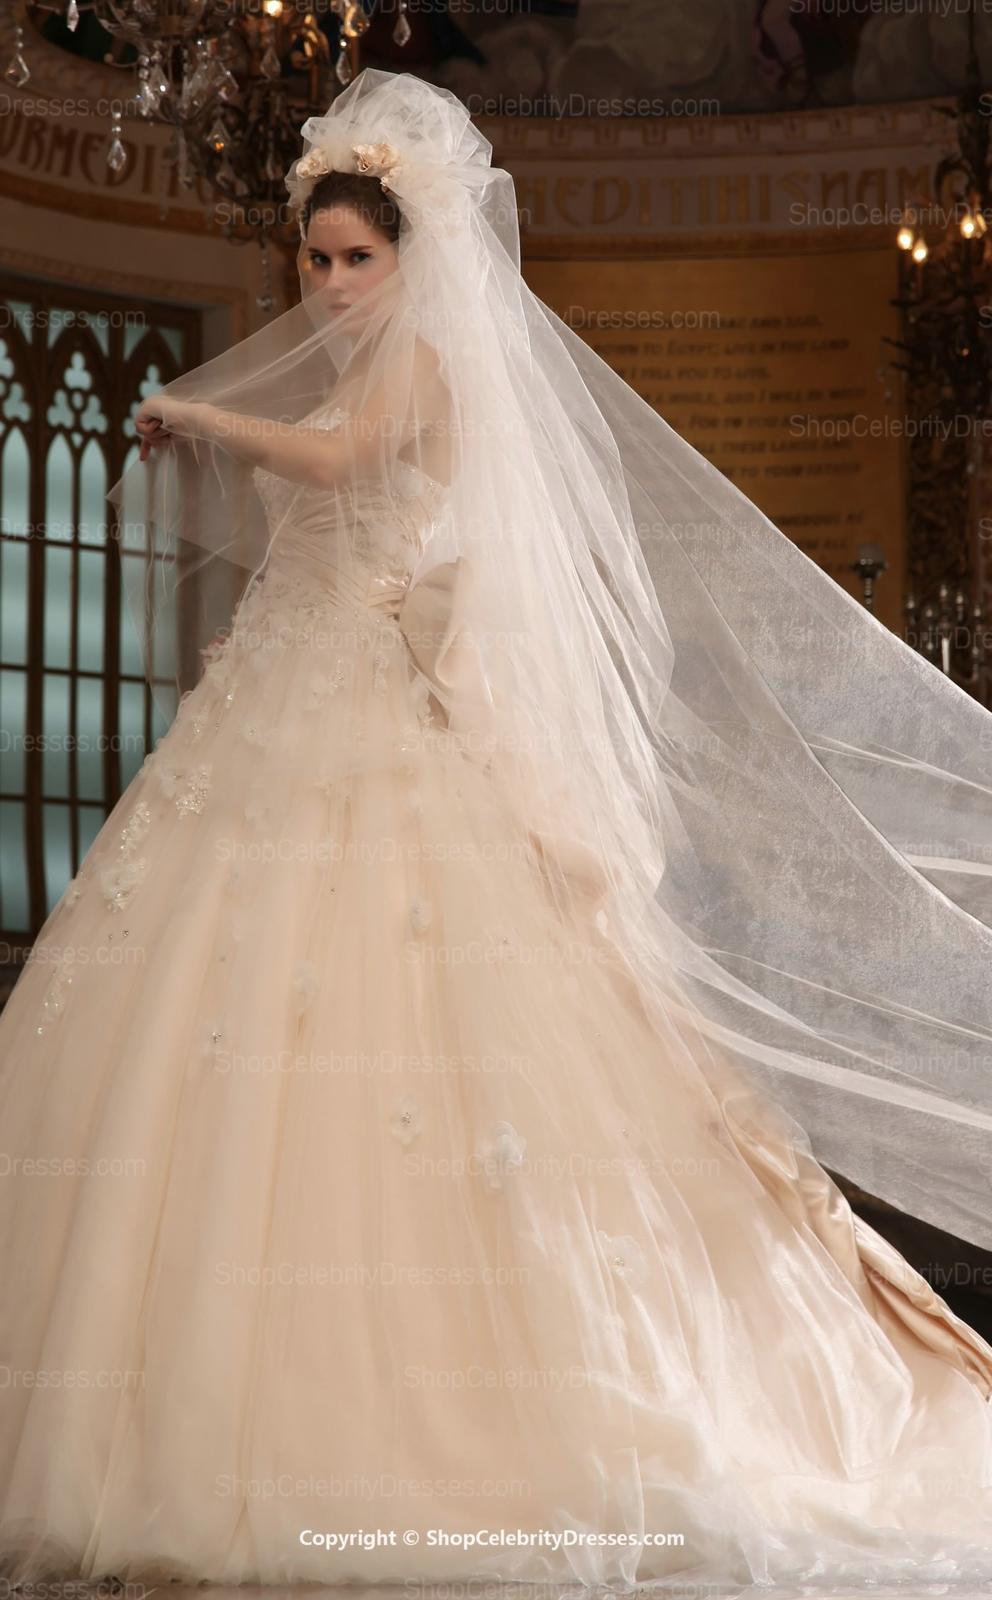 Luxury wedding - Obrázok č. 31